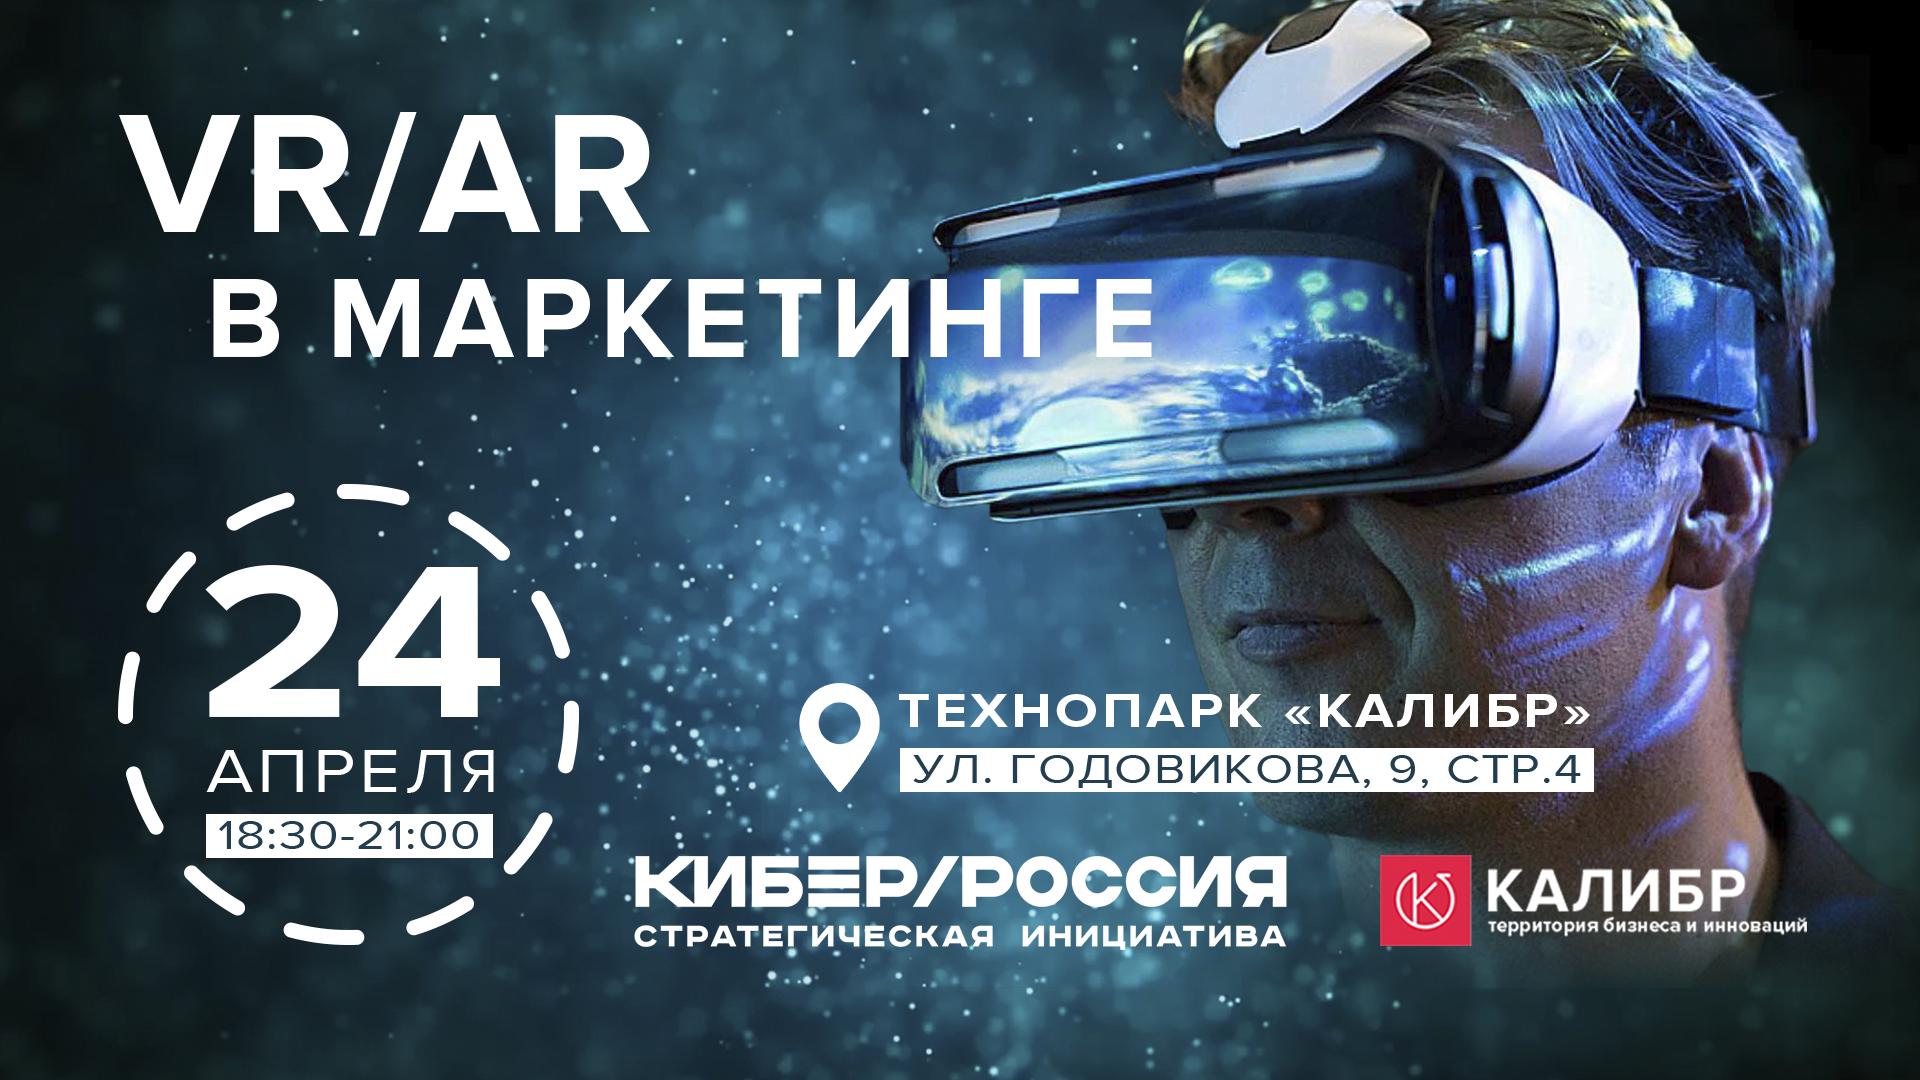 Meet Up «VR/AR в маркетинге»: виртуальная реальность изменит парадигму продаж и рекламы